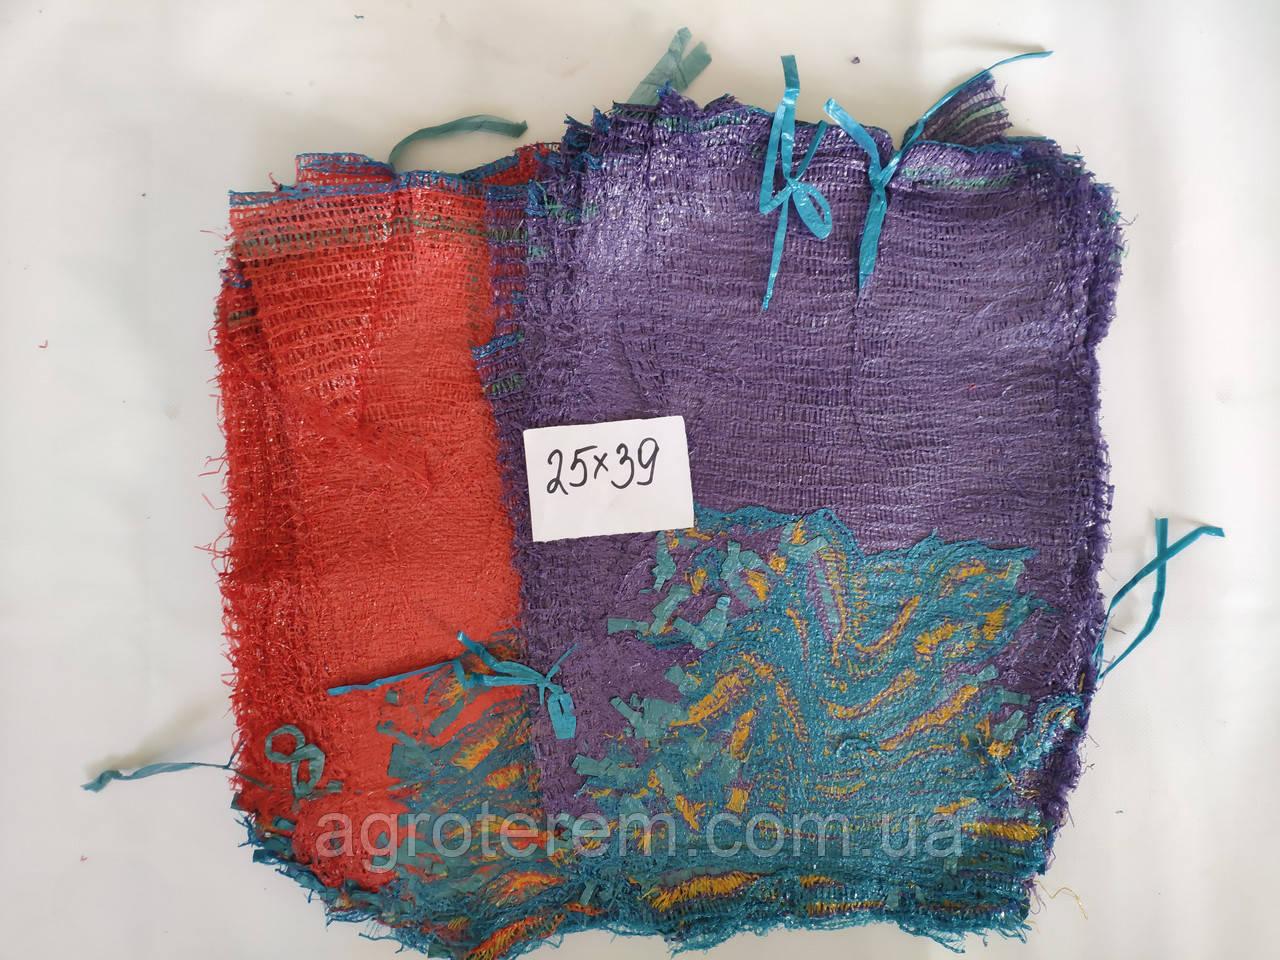 Сетка овощная 25х39  ( до 5кг ) красная, фиолетовая, оранжевая  с ручкой (сітка овочева,мішок)1000 шт